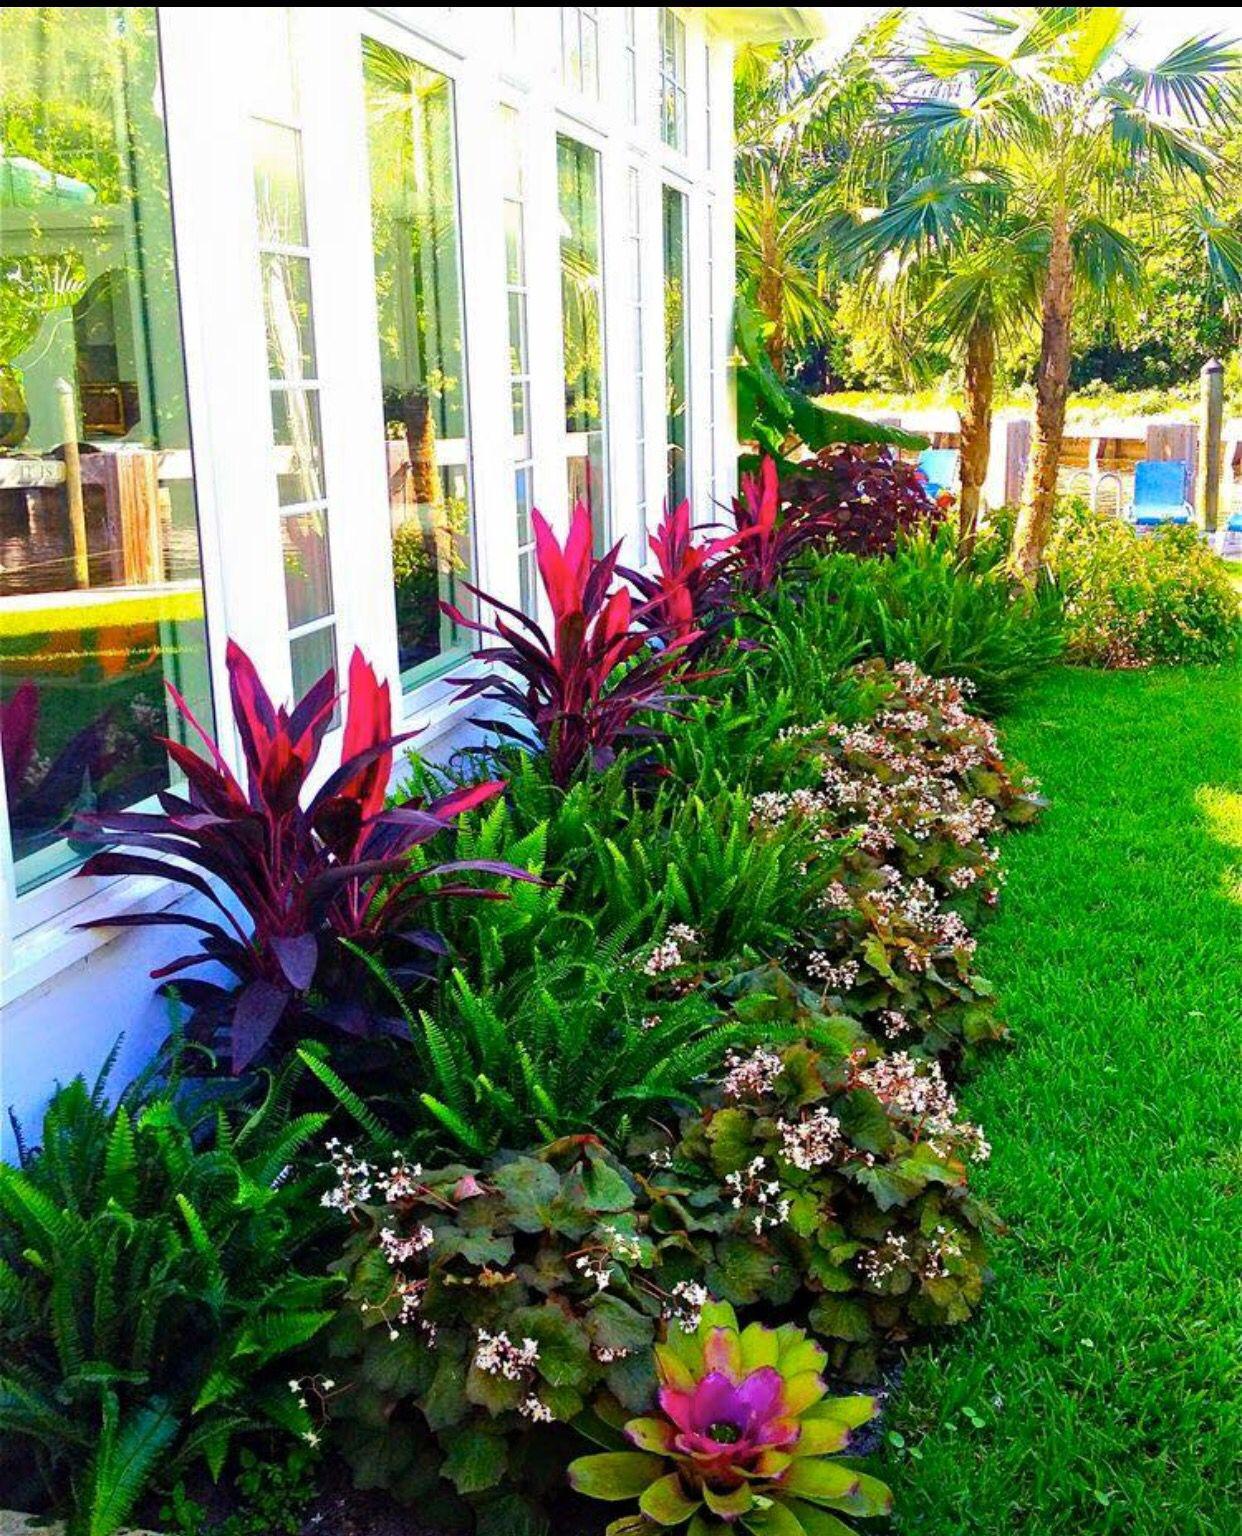 Elegant Tropischer Garten, Garten Ideen, Garten Gestalten, Gartenpflanzen, Blühende  Hecke, Landschaftsbau Ideen, Balkon Pflanzen, Blumenvase, Blumenbeete